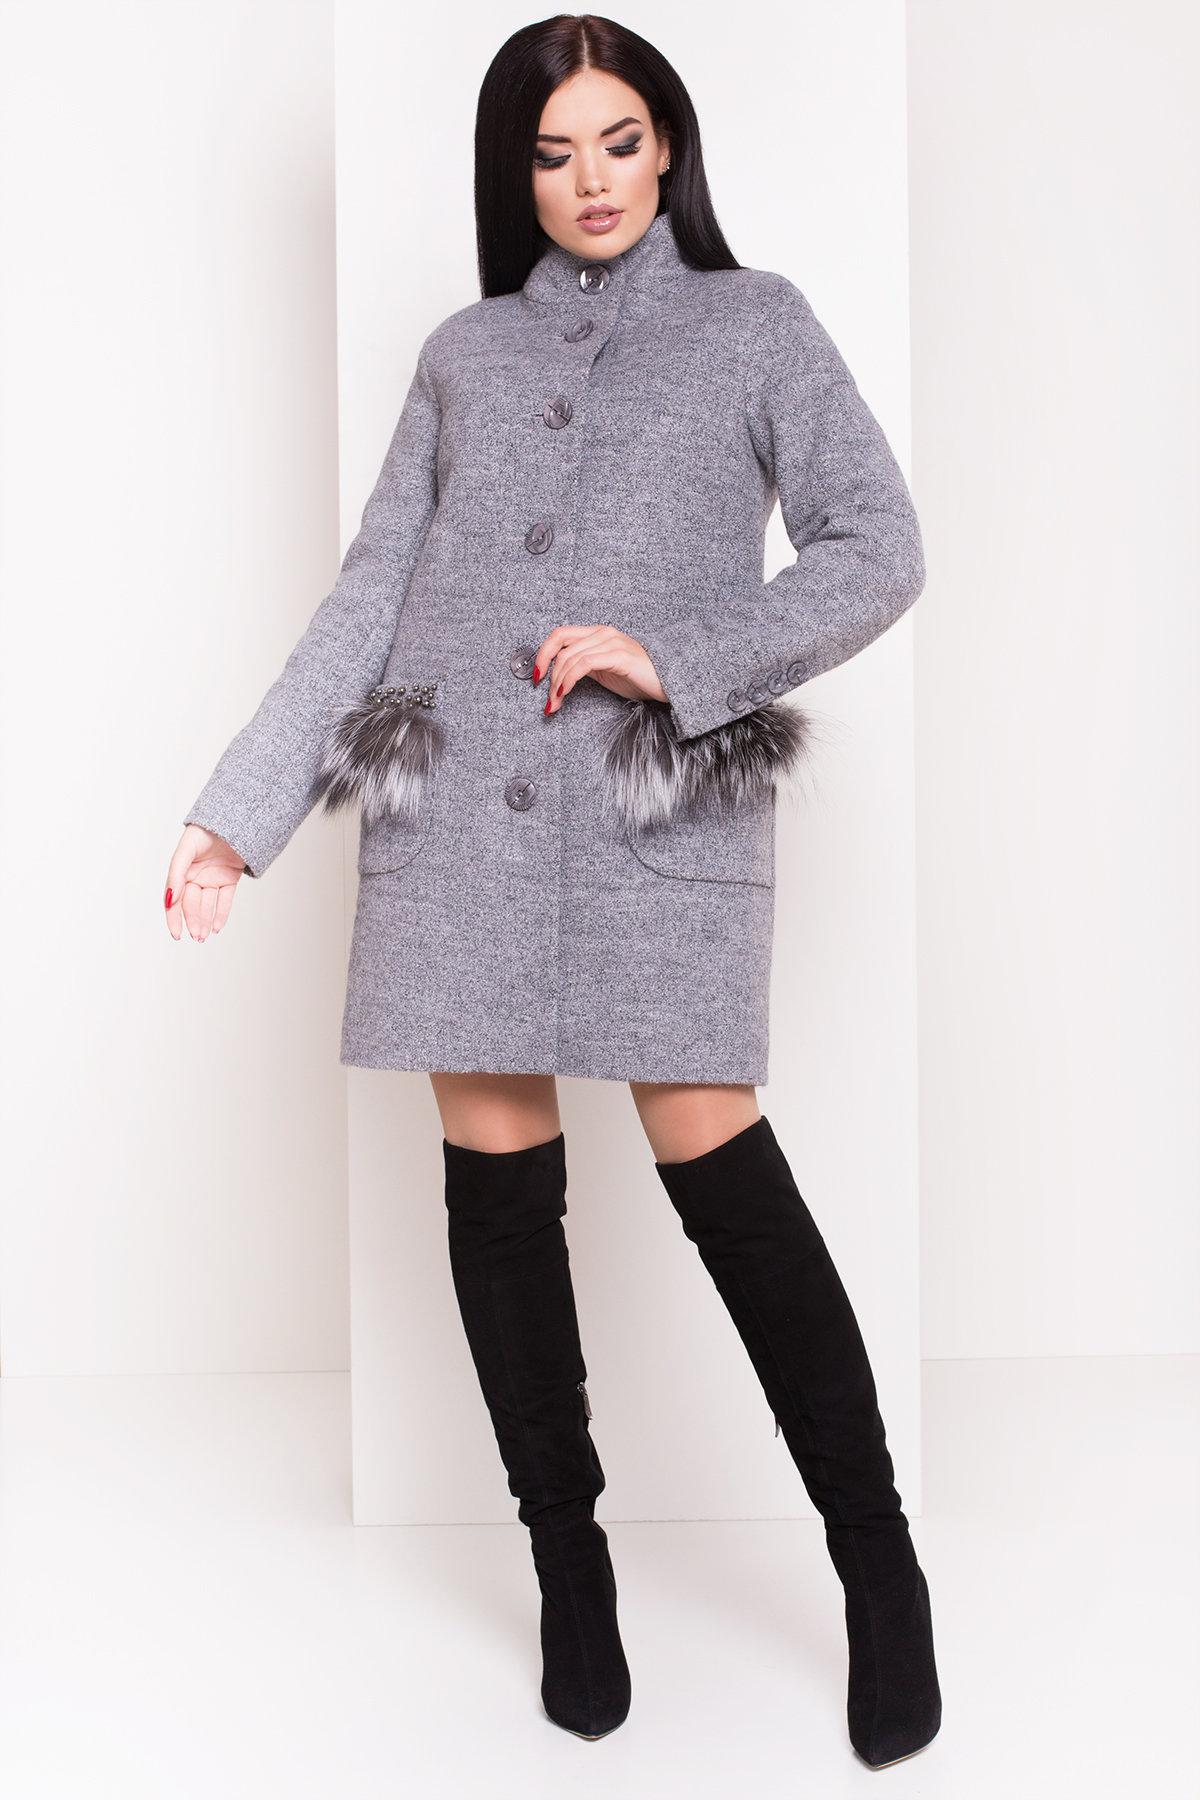 Пальто зима Этель 3692 АРТ. 19235 Цвет: Серый 48 - фото 1, интернет магазин tm-modus.ru